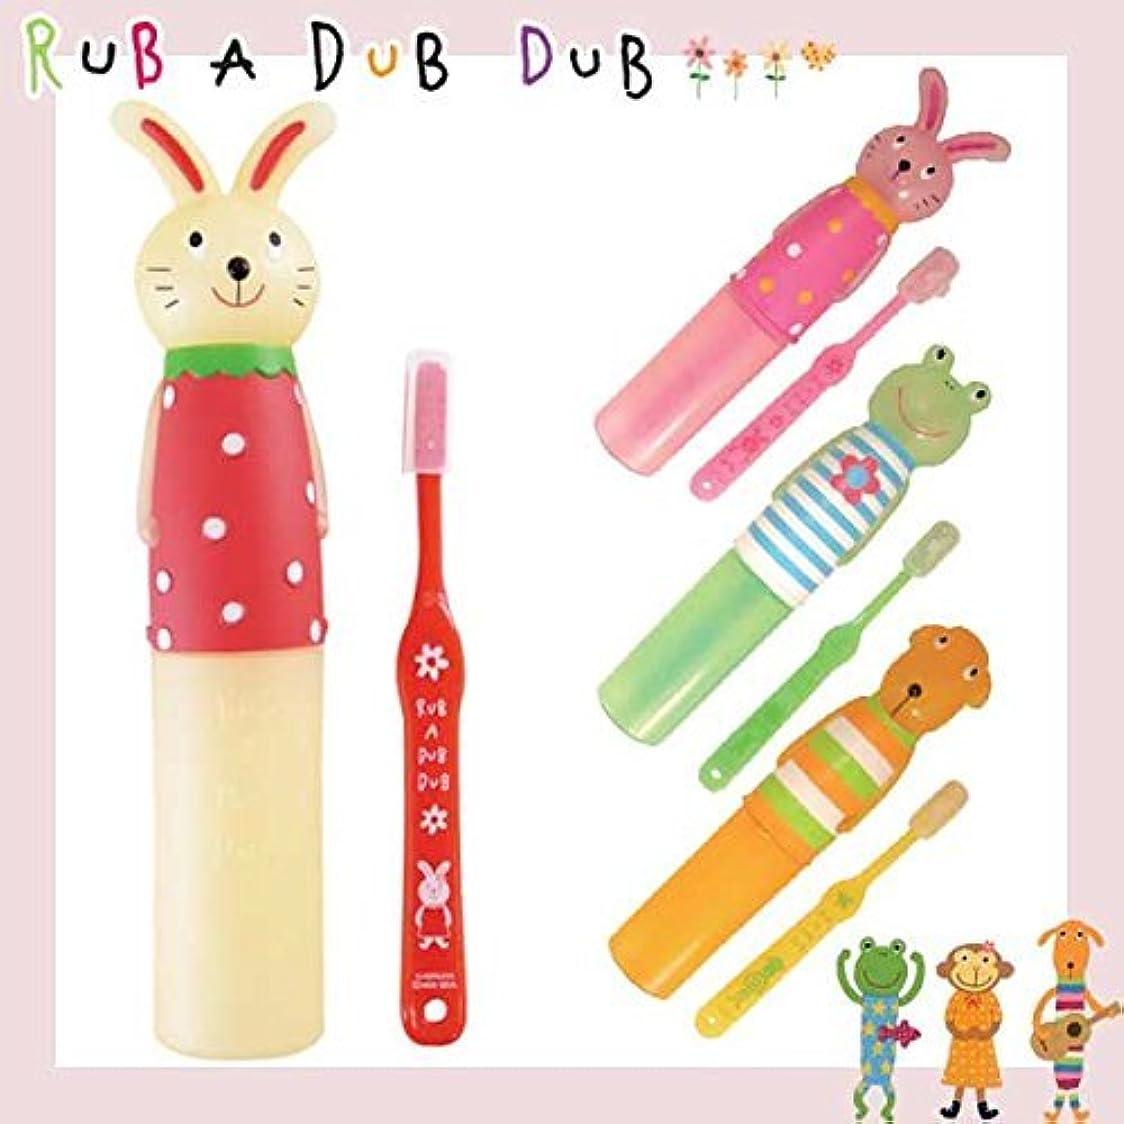 可聴分割コテージ510133/RUB A DUB DUB/R.ハブラシセット(クリームウサギ)/モンスイユ/ラブアダブダブ/キッズ/ベビー/アニマル/洗面所/歯磨き/ギフト/プレゼント